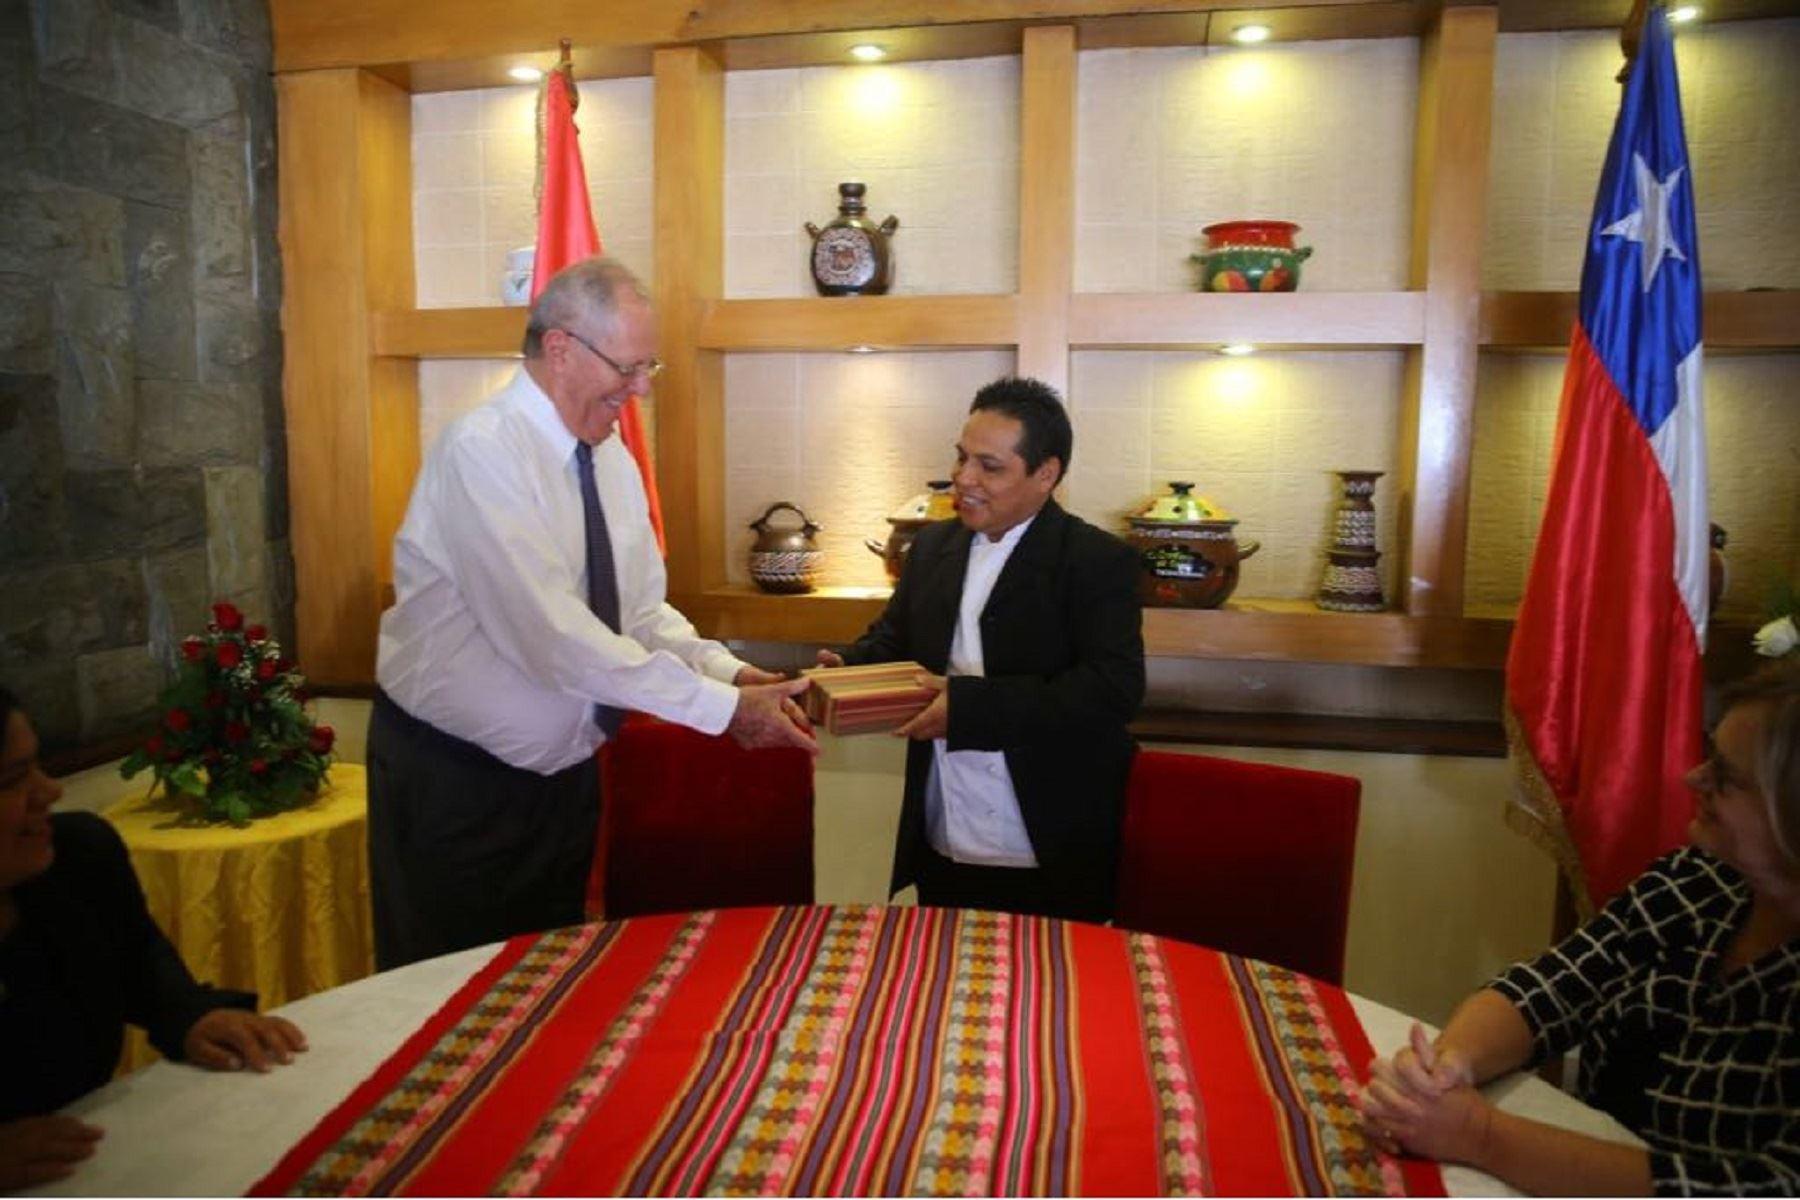 El presidente Pedro Pablo Kuczynski visitó al chef peruano Óscar Gómez, un emprendedor exitoso en Chile.